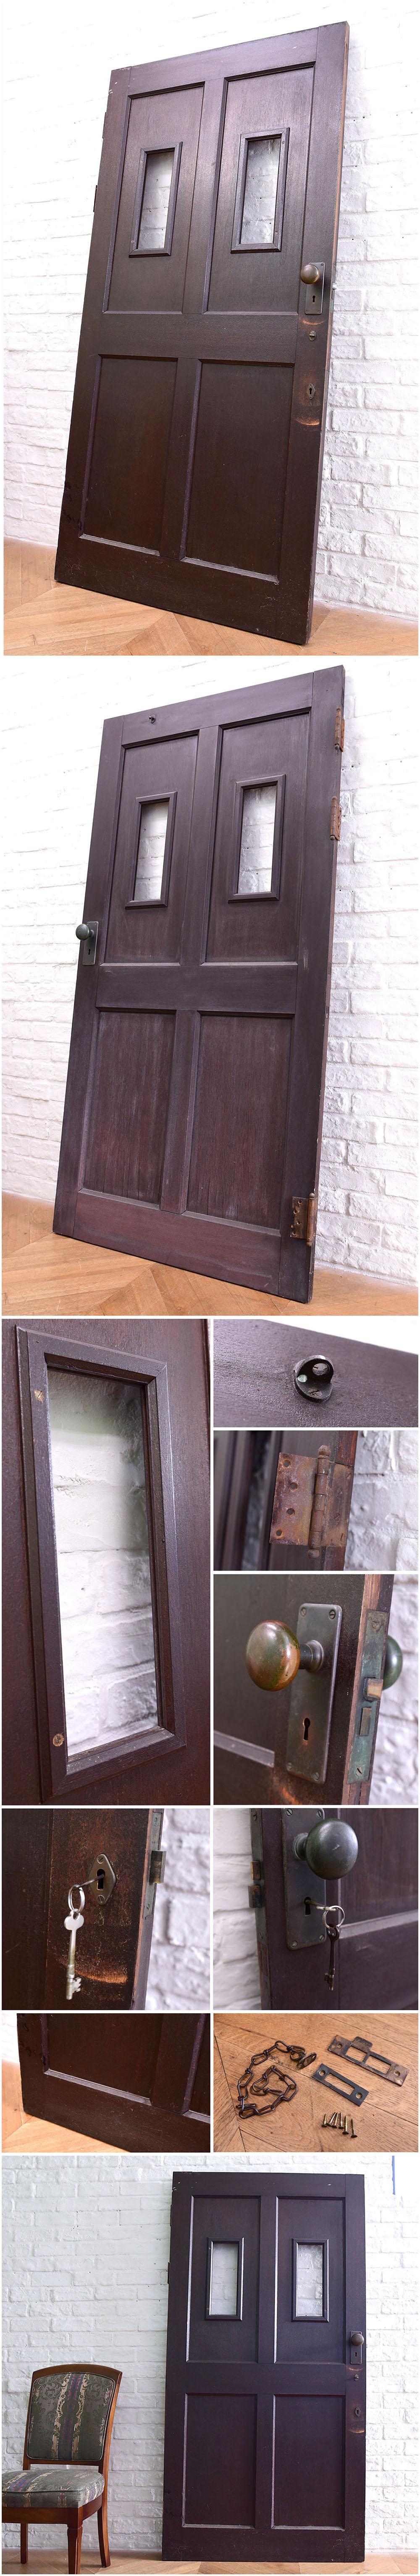 アンティークドア鍵付き